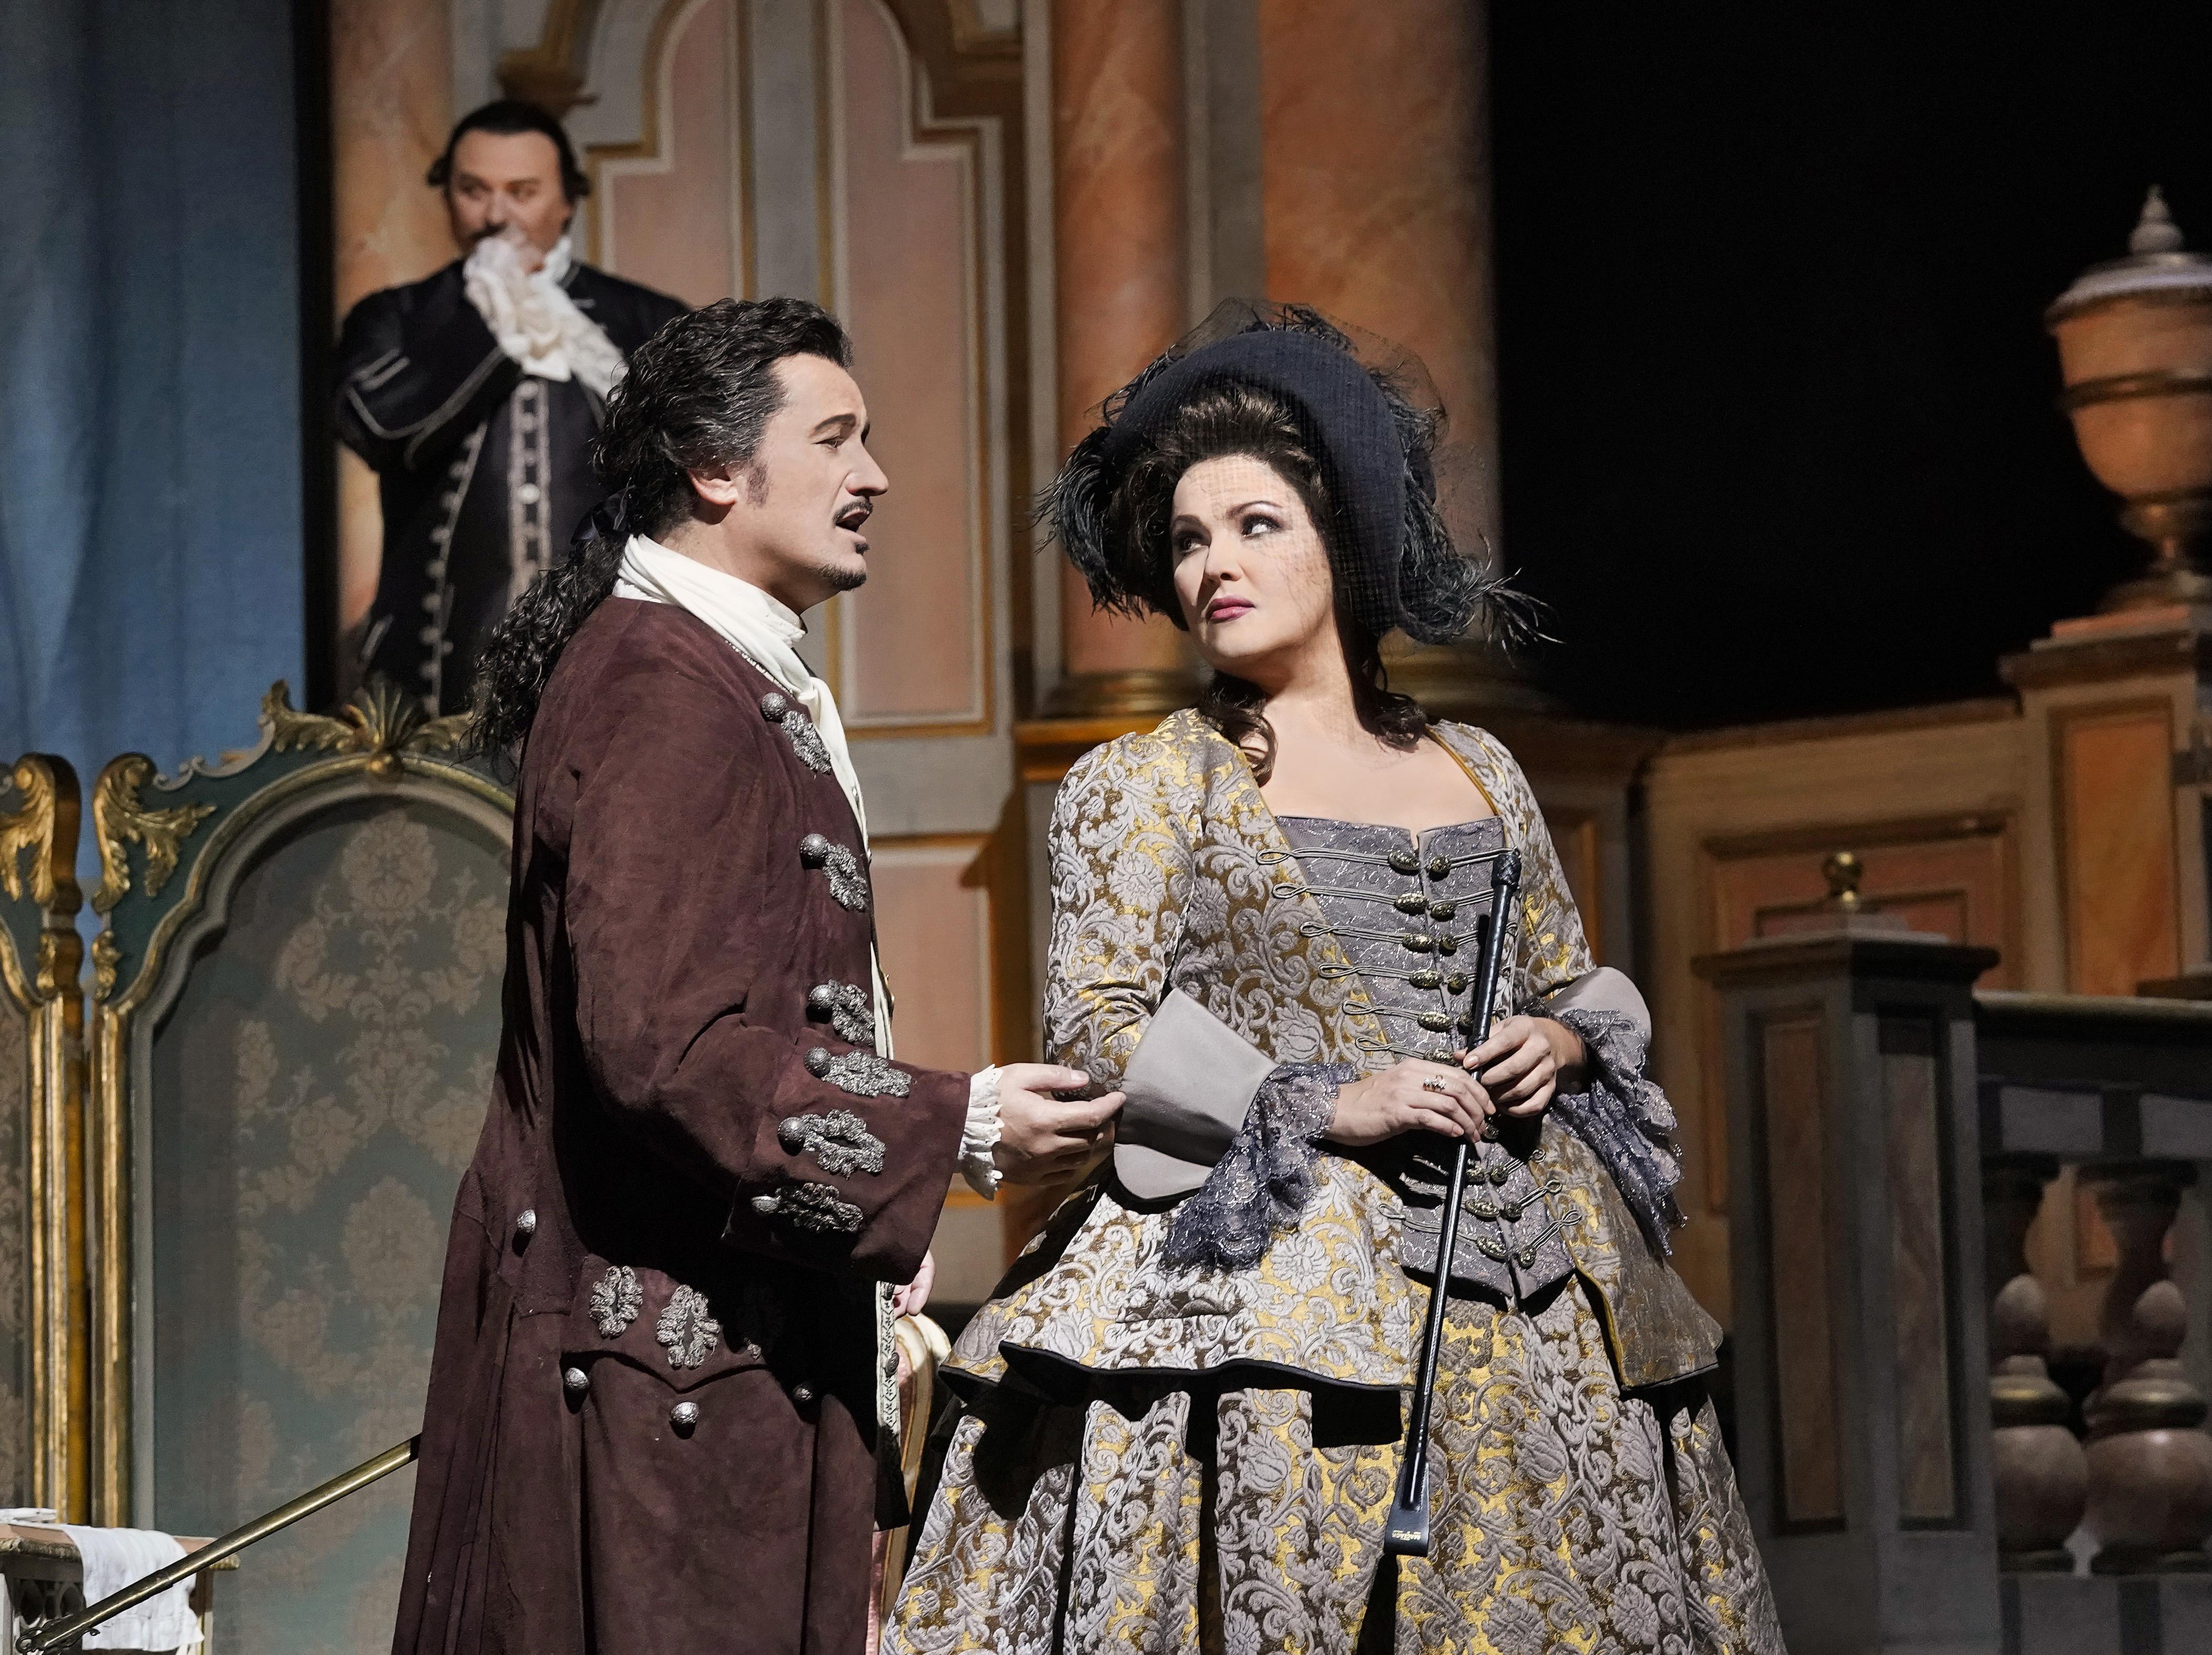 Met Opera HD Festival: Adriana Lecouvreur